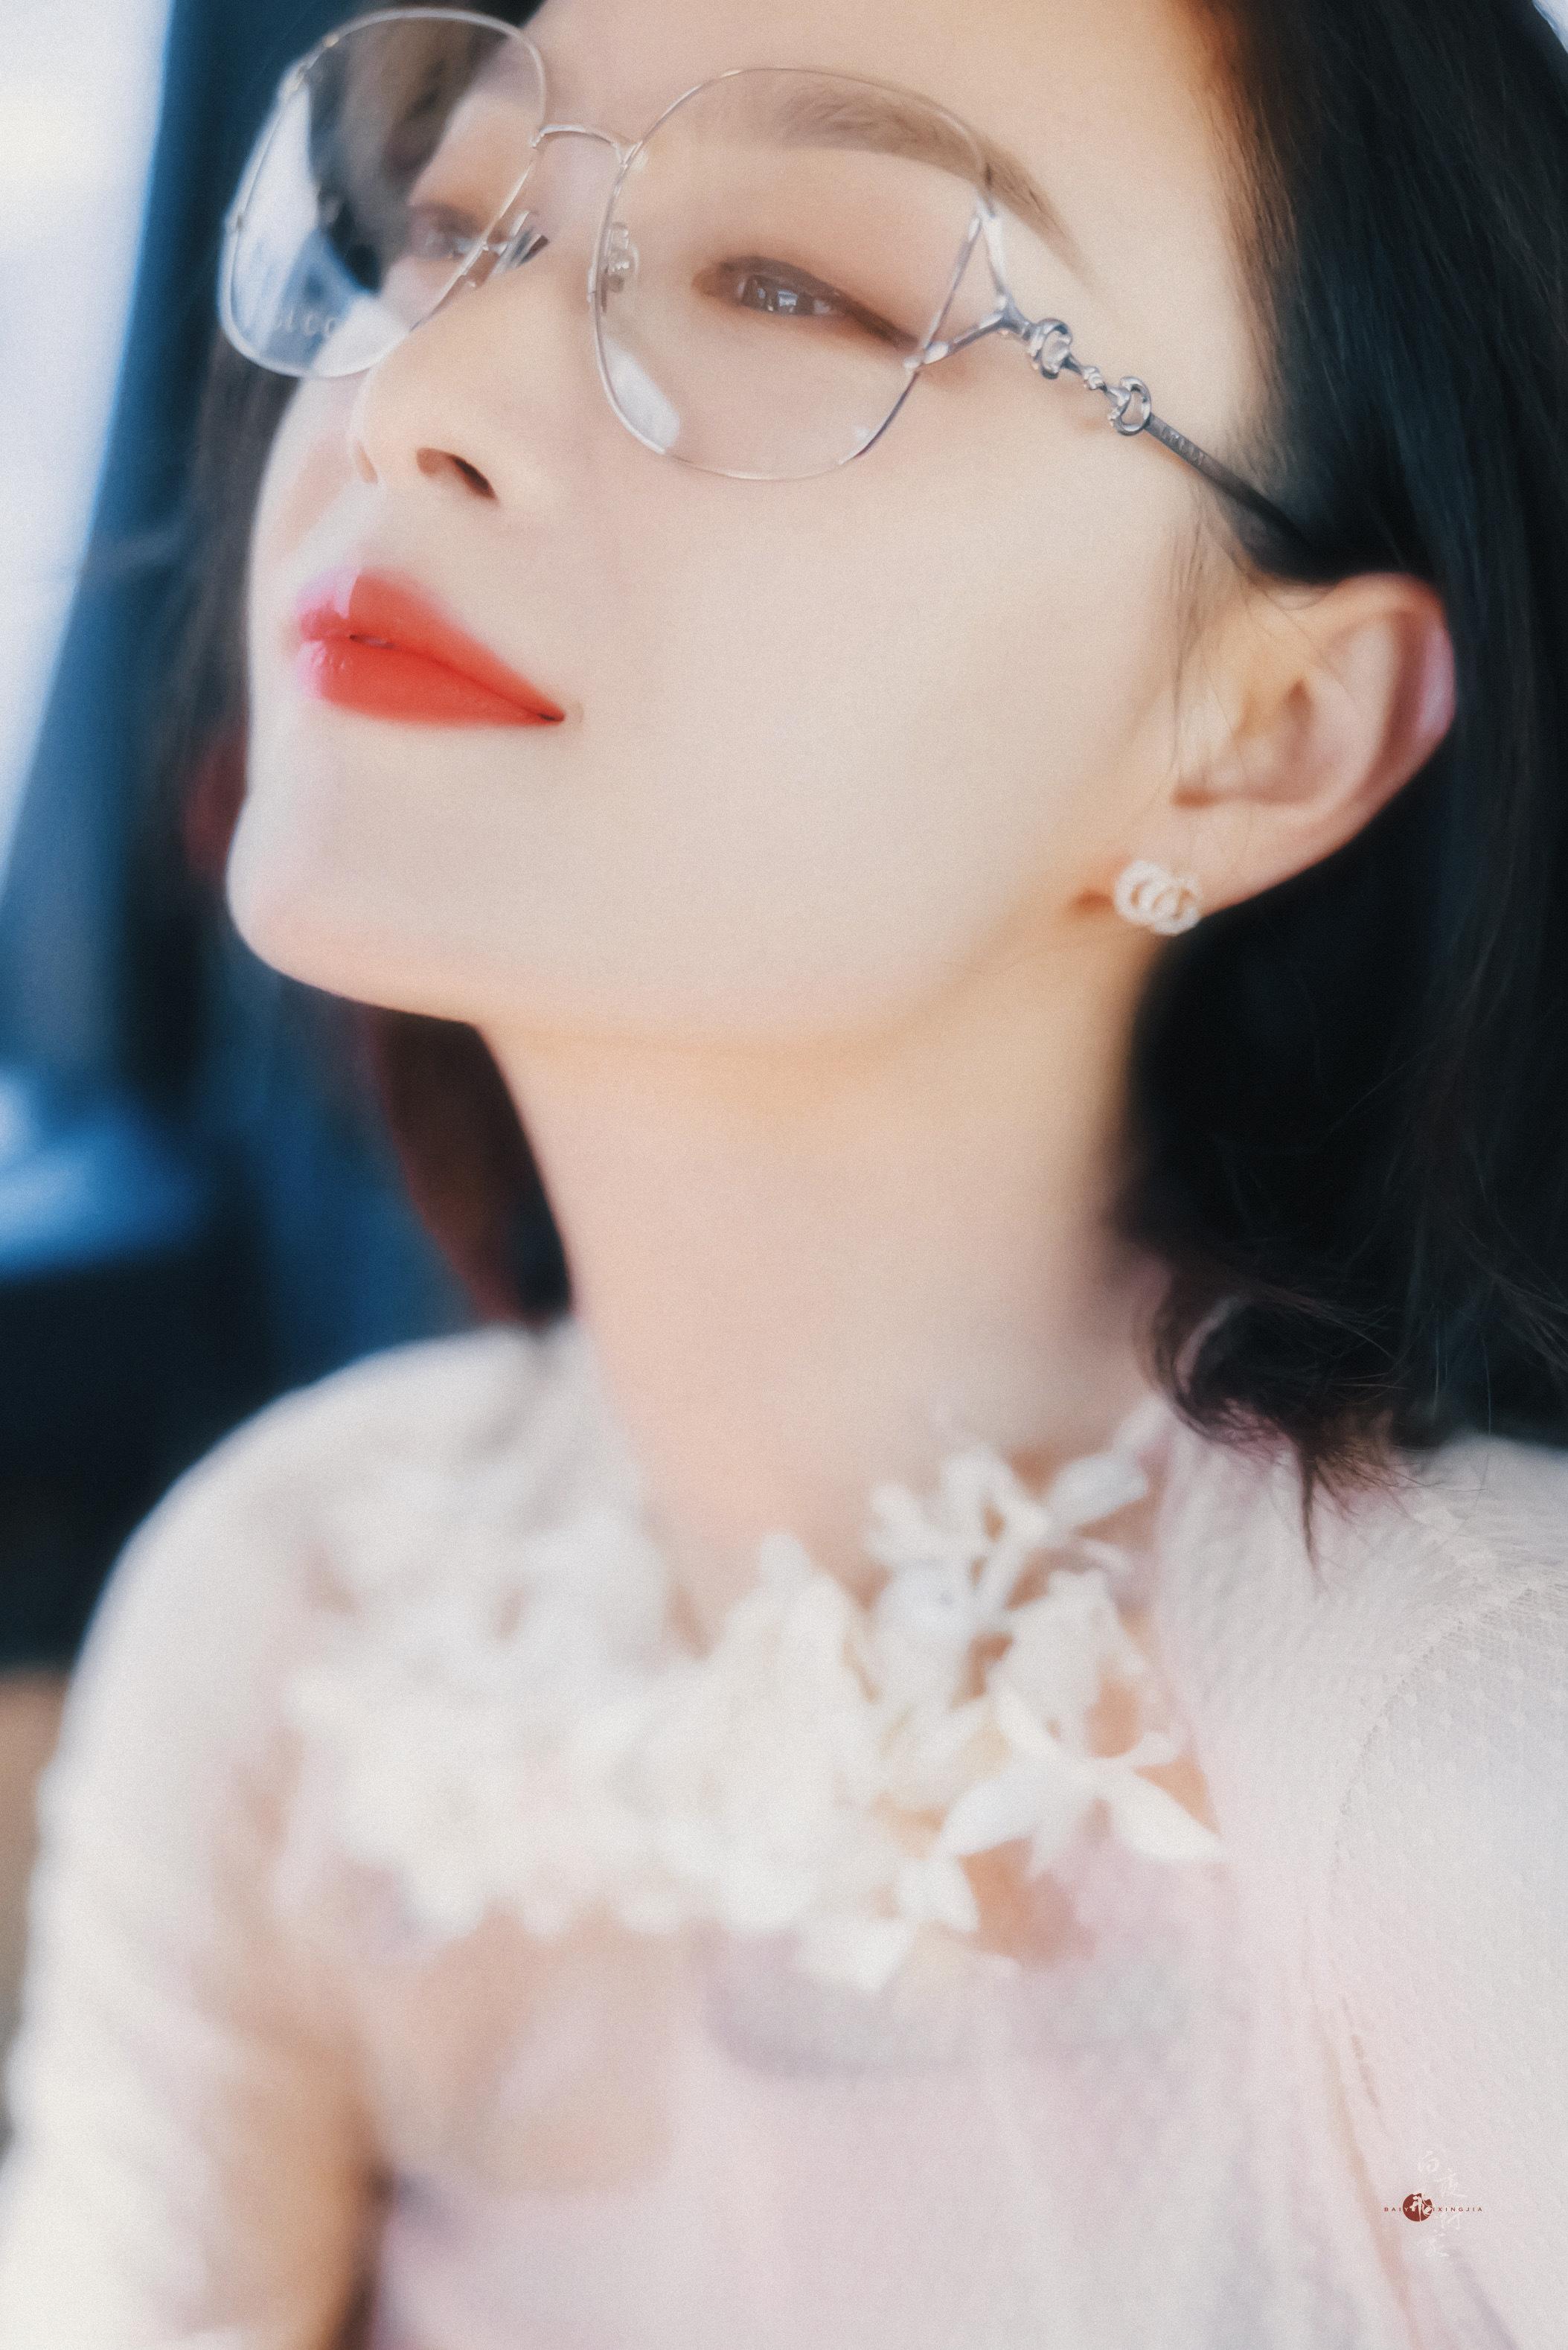 倪妮戴眼镜唯美写真图片,美惨了